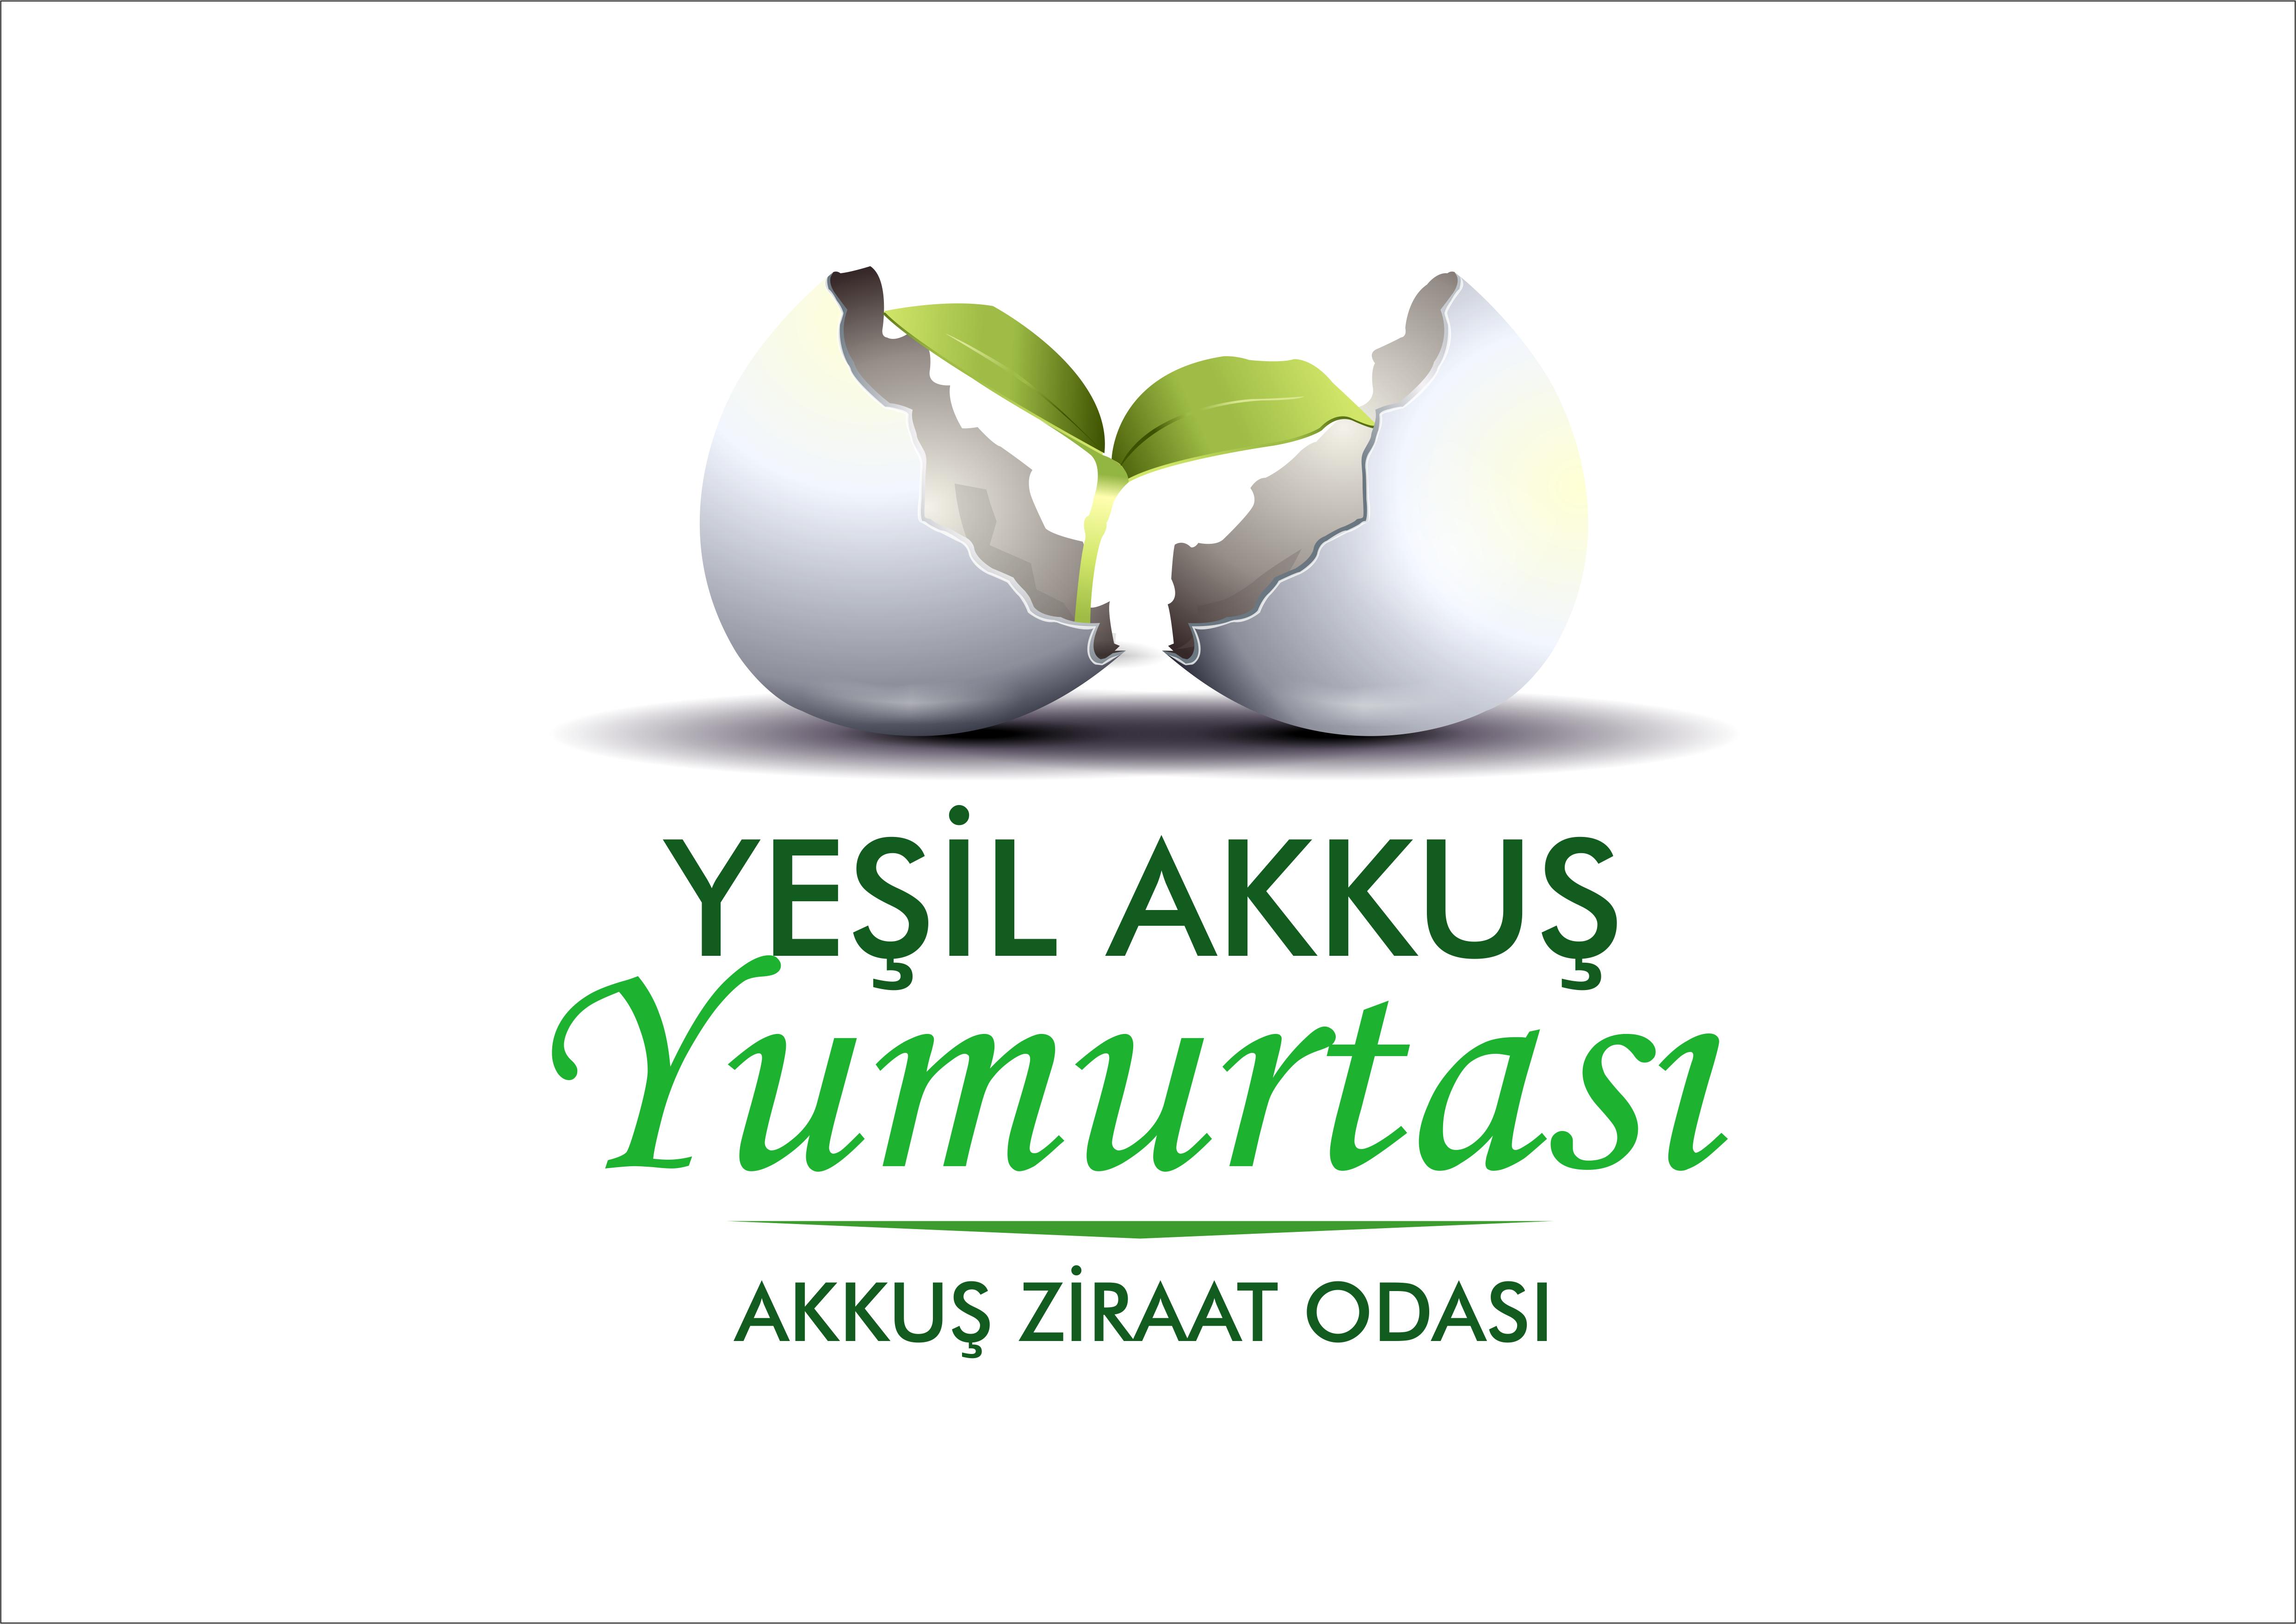 ye+ƒil akku+ƒ yumurtas-¦